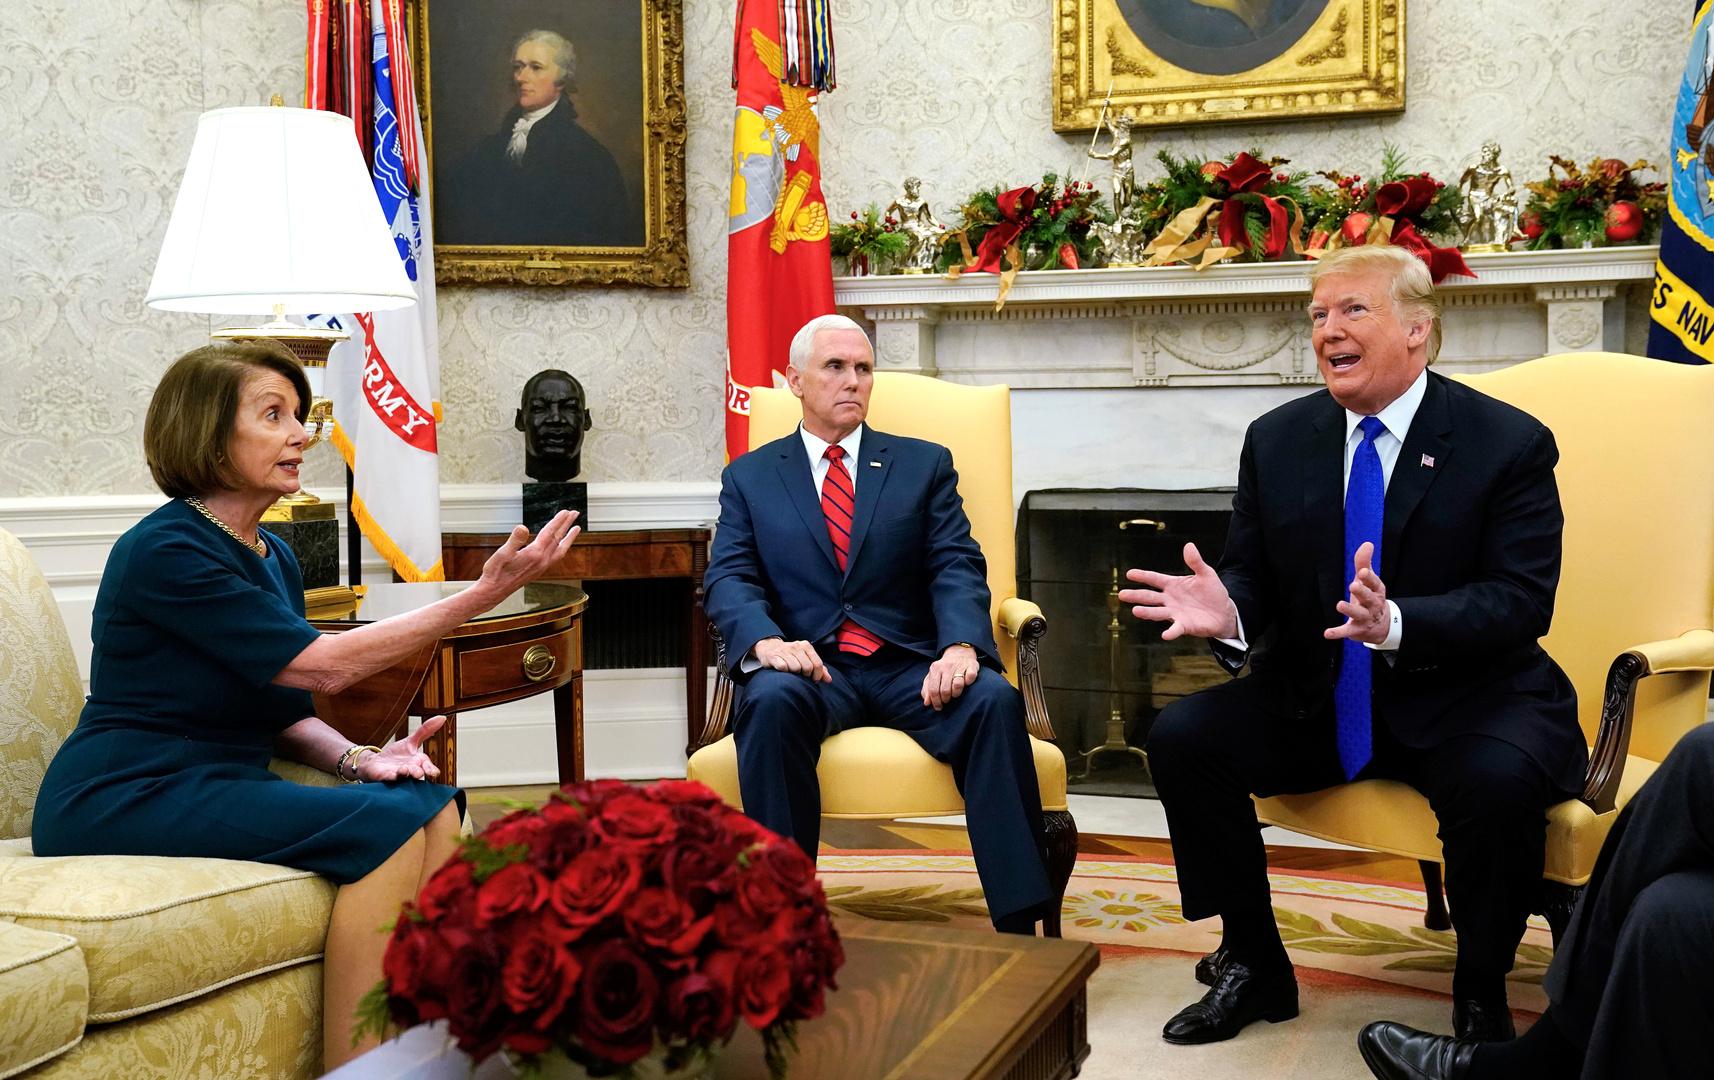 لقاء جمع دونالد  ترامب بنانسي بيلوسي في البيت الأبيض